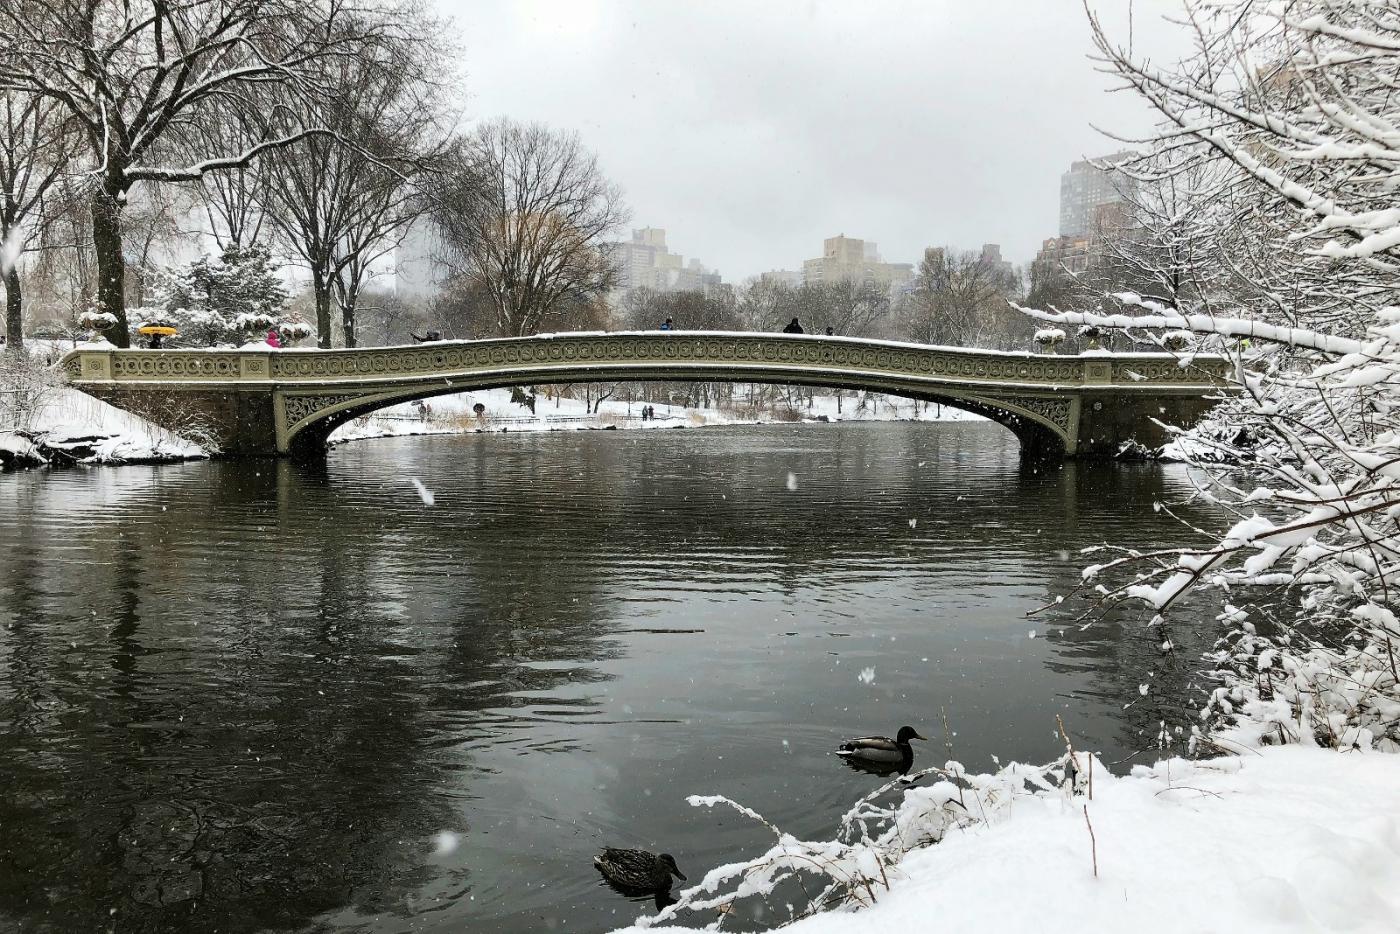 【田螺手机摄影】纽约雪景、还是中央公园最漂亮[二]_图1-11